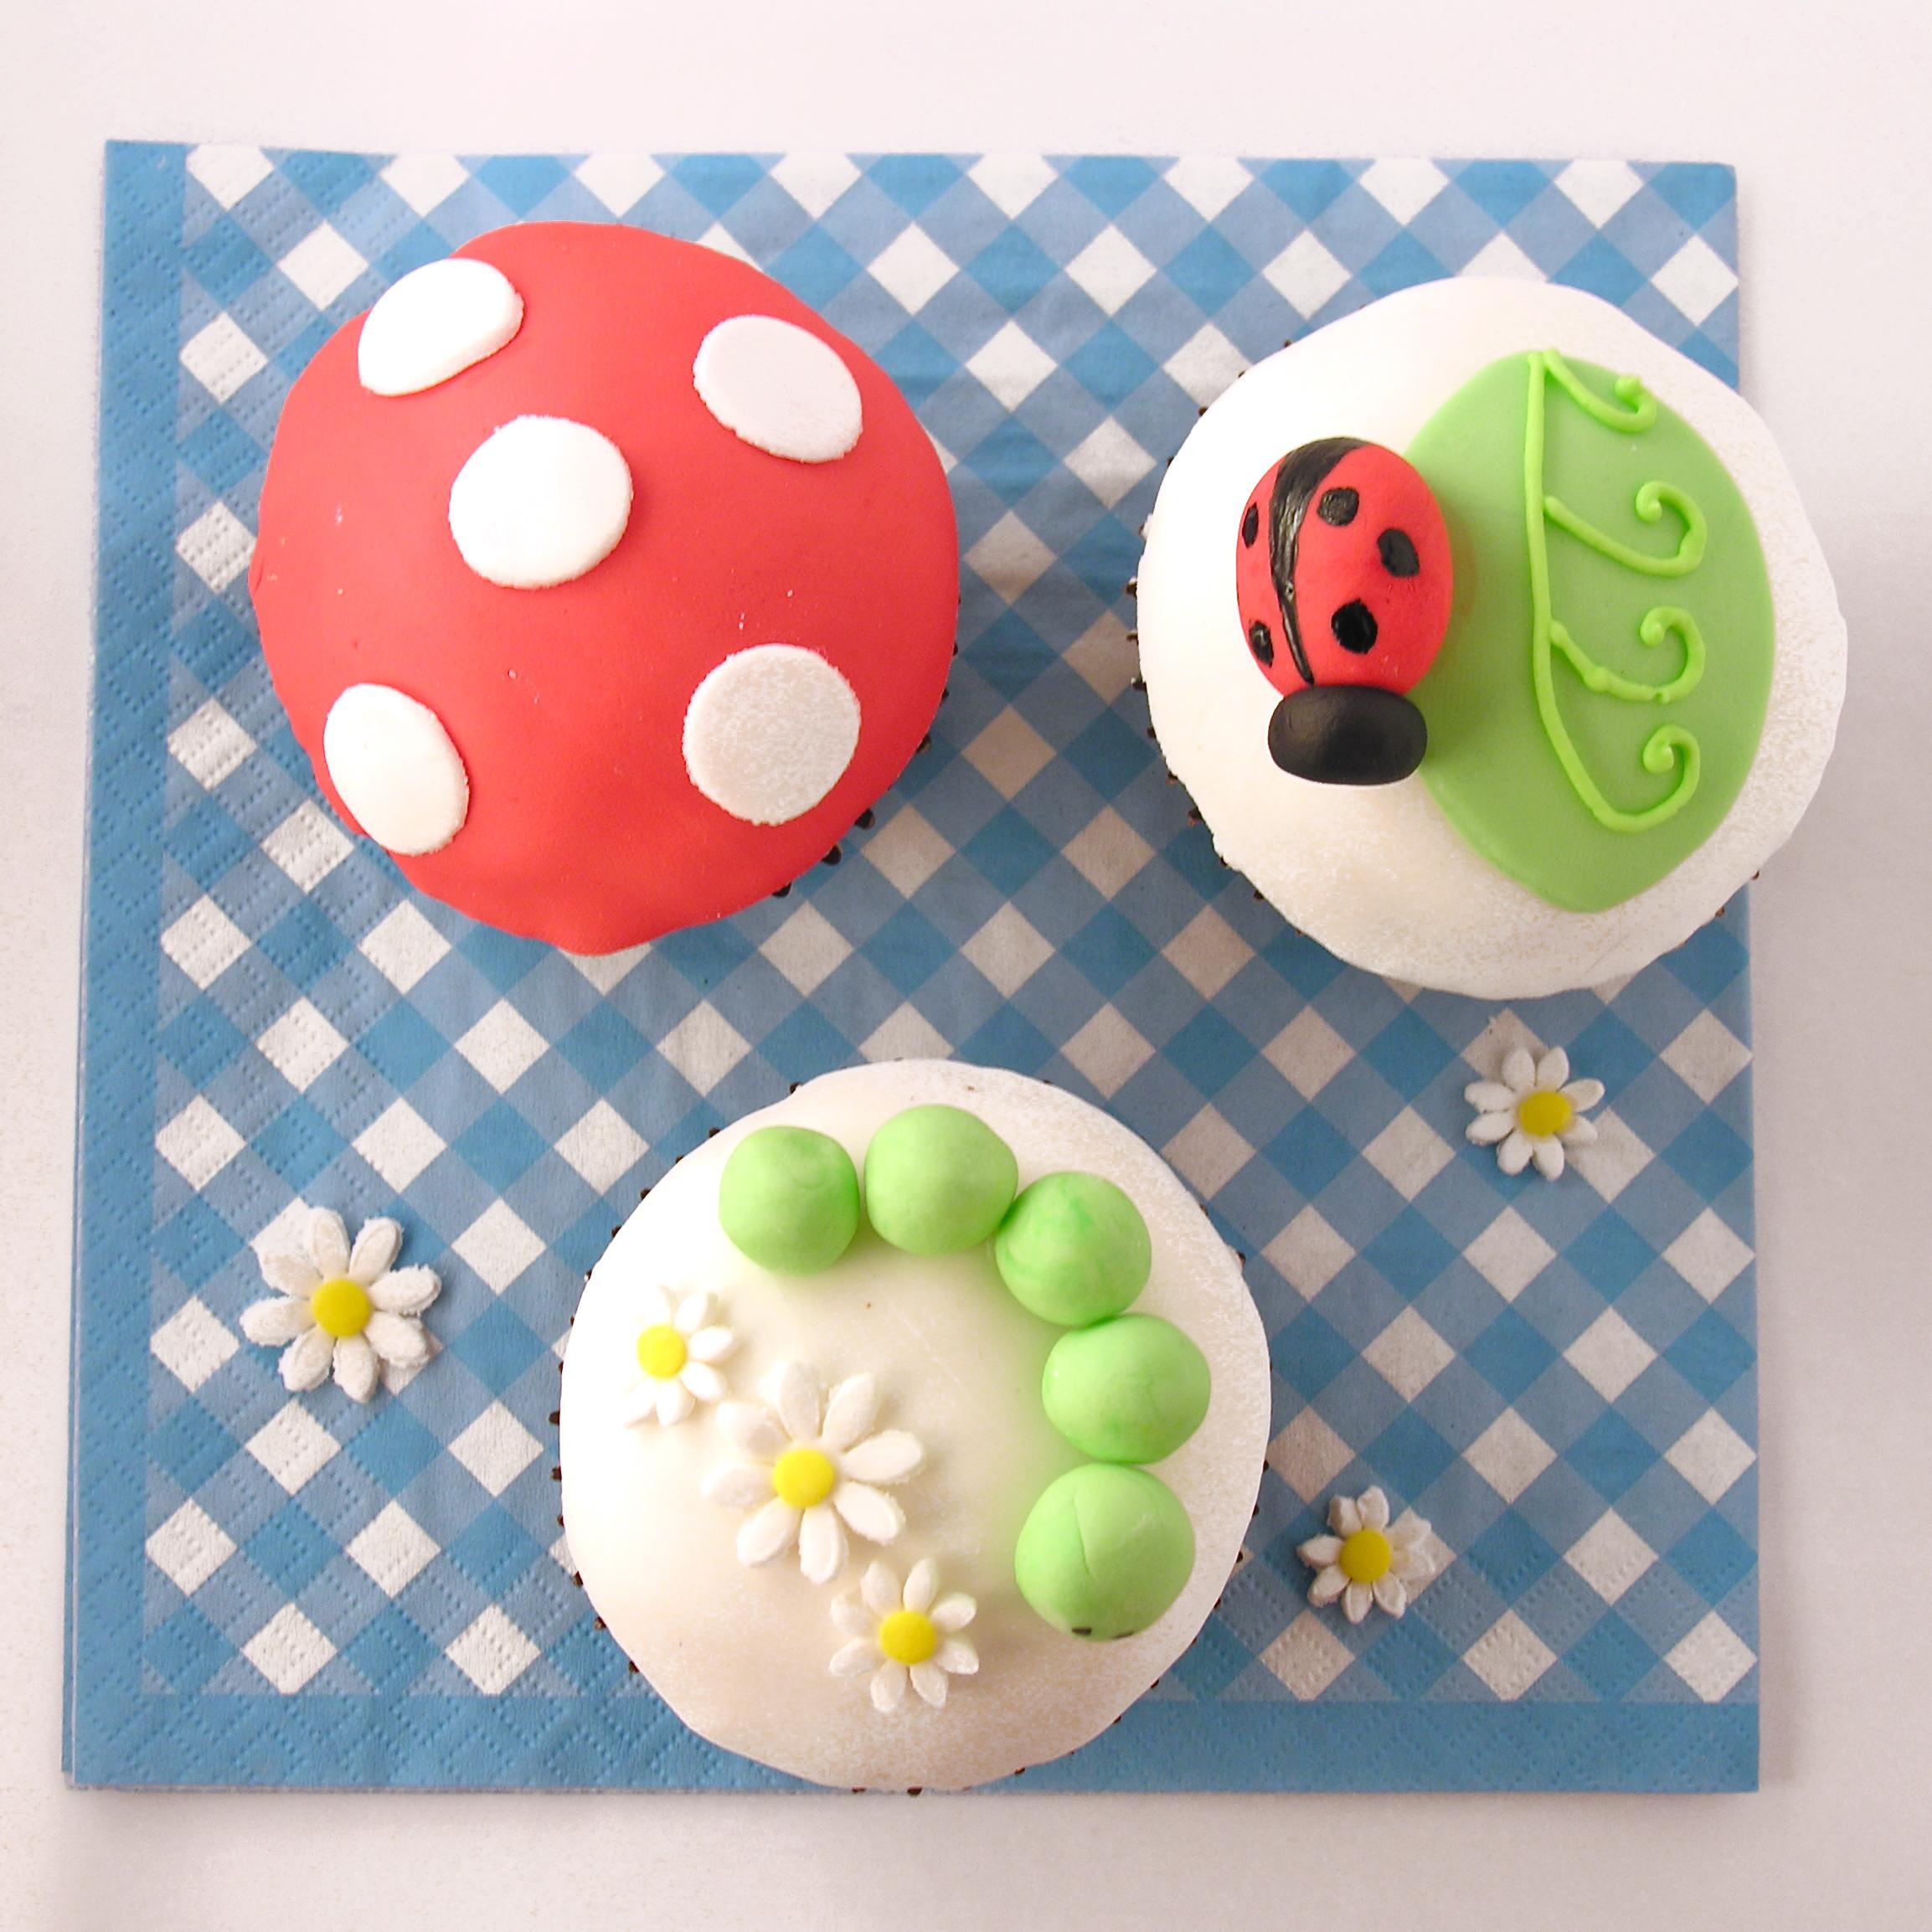 ladybug and caterpillar cupcakes!